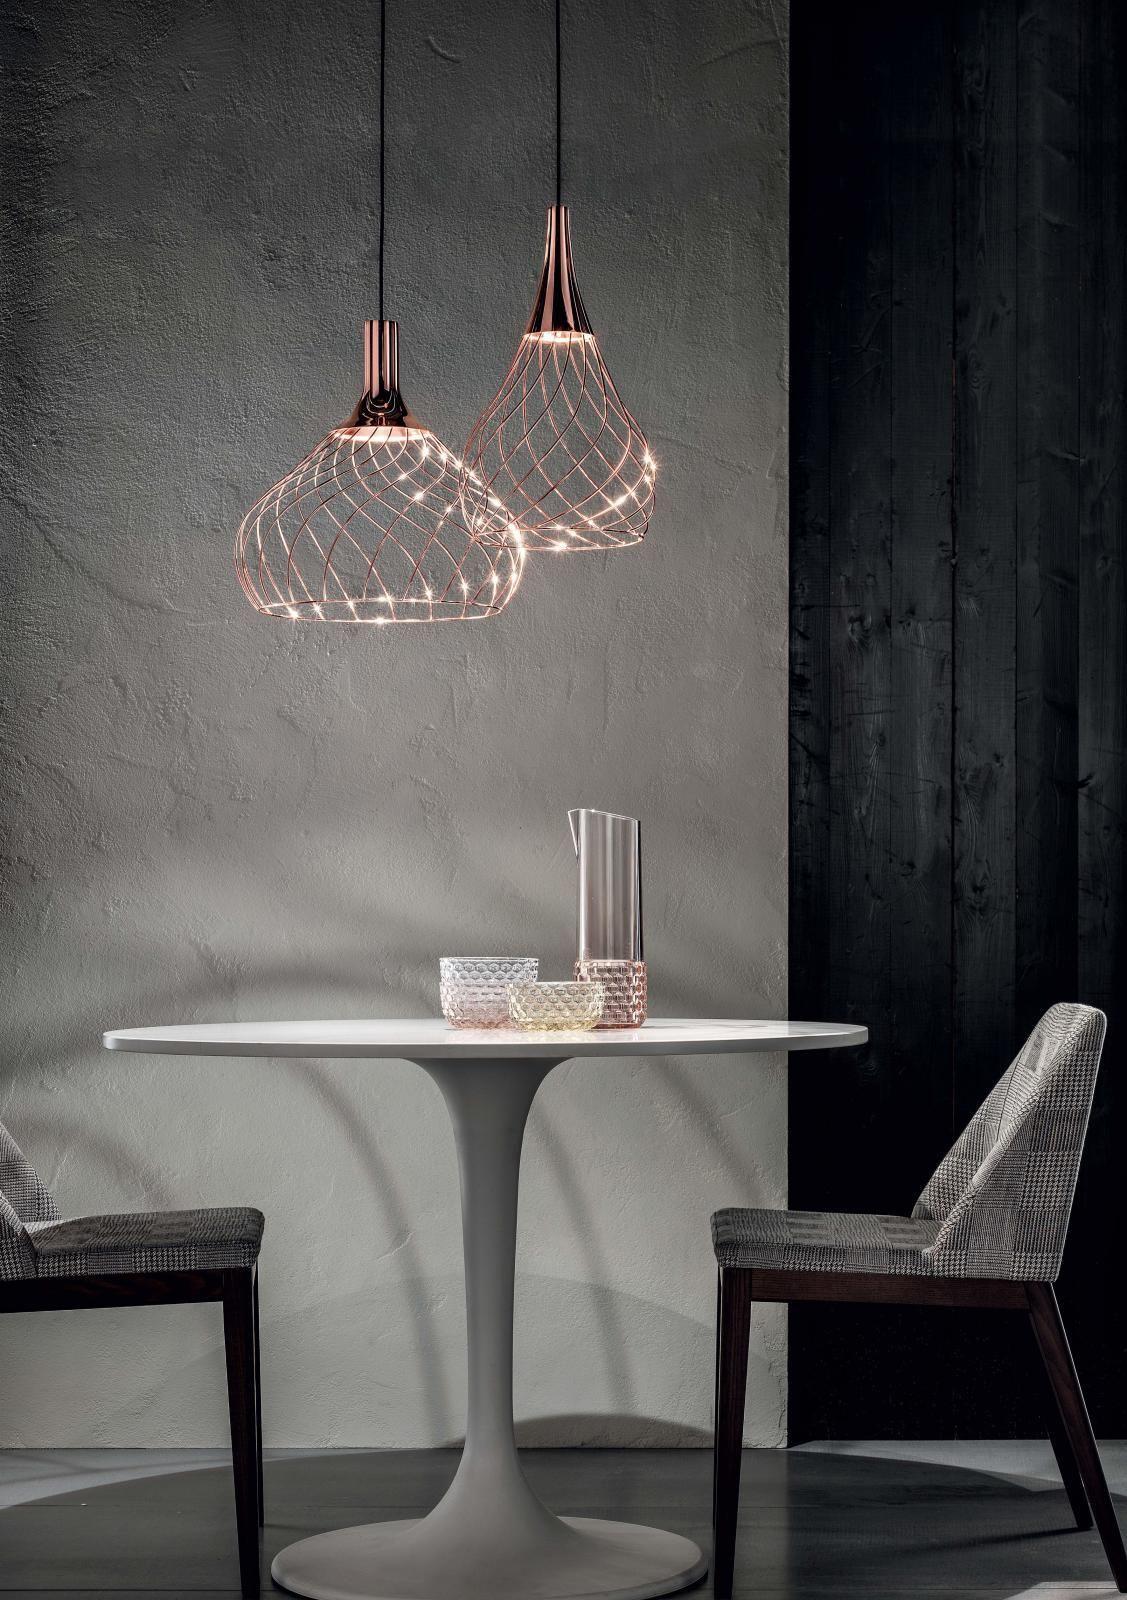 pendelleuchte mongolfier p1 ma de linea light group lampen. Black Bedroom Furniture Sets. Home Design Ideas